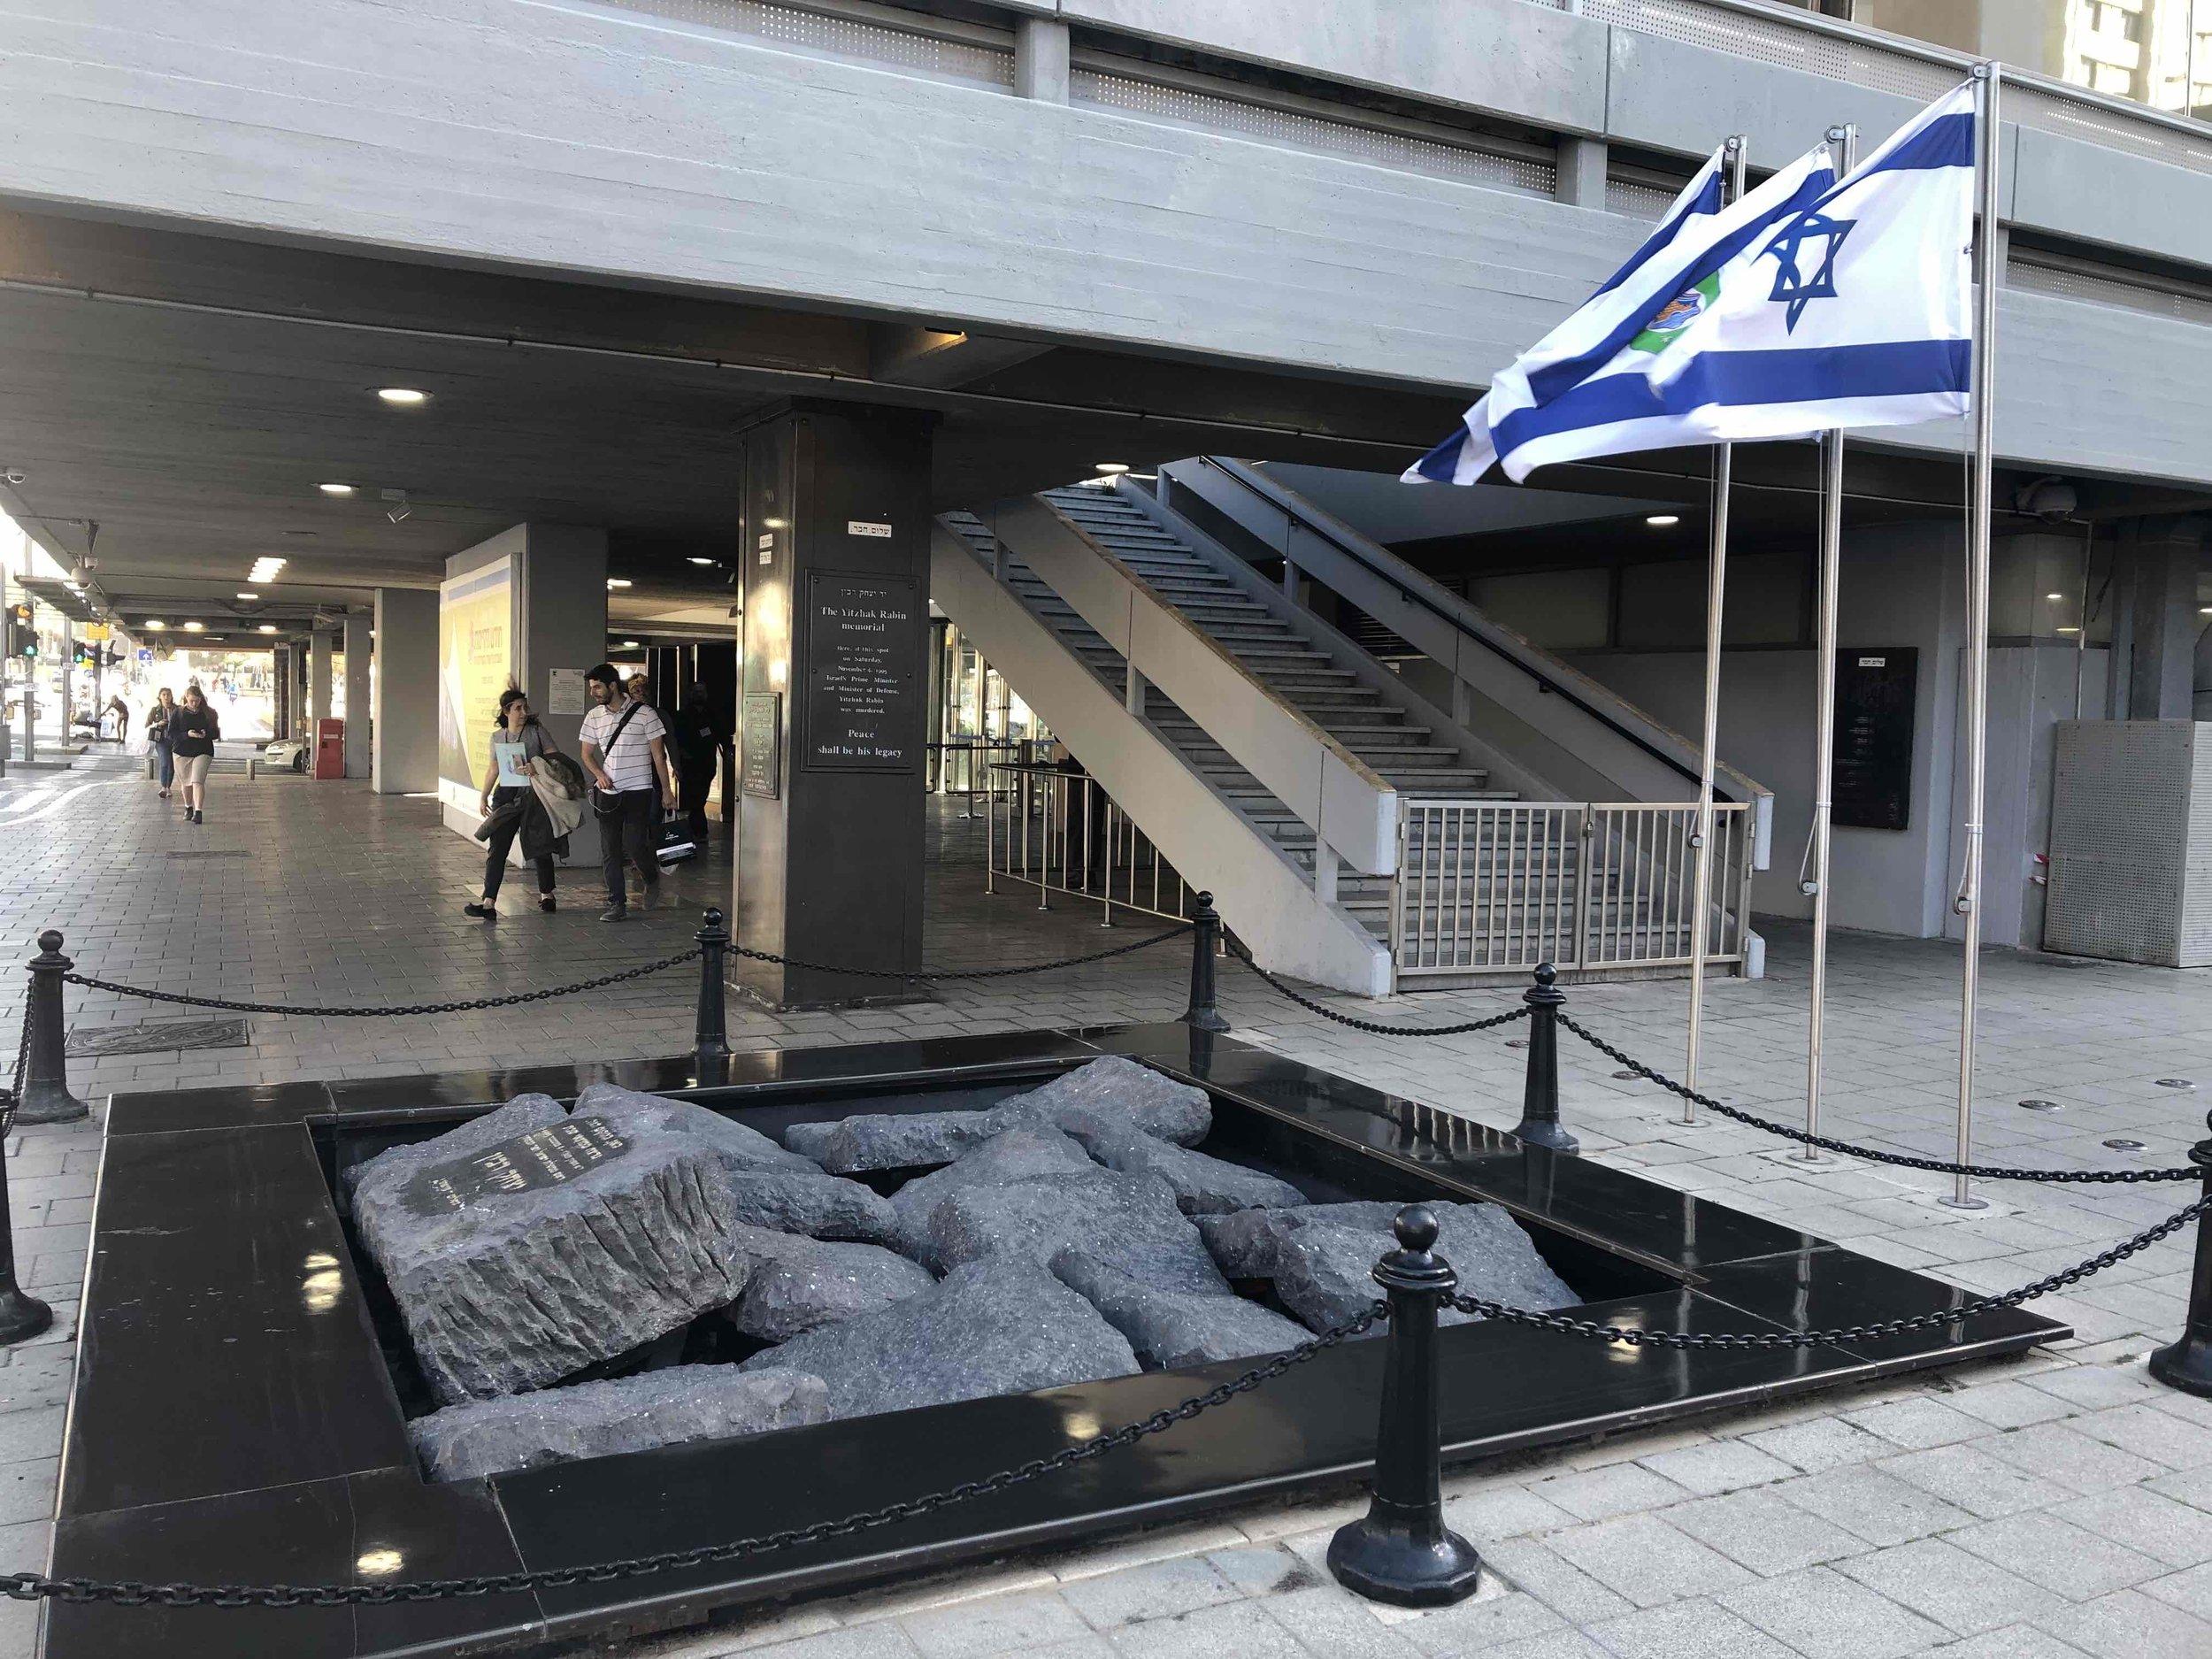 Prime Minister Yitzhak Rabin assassination memorial in downtown Tel Aviv.